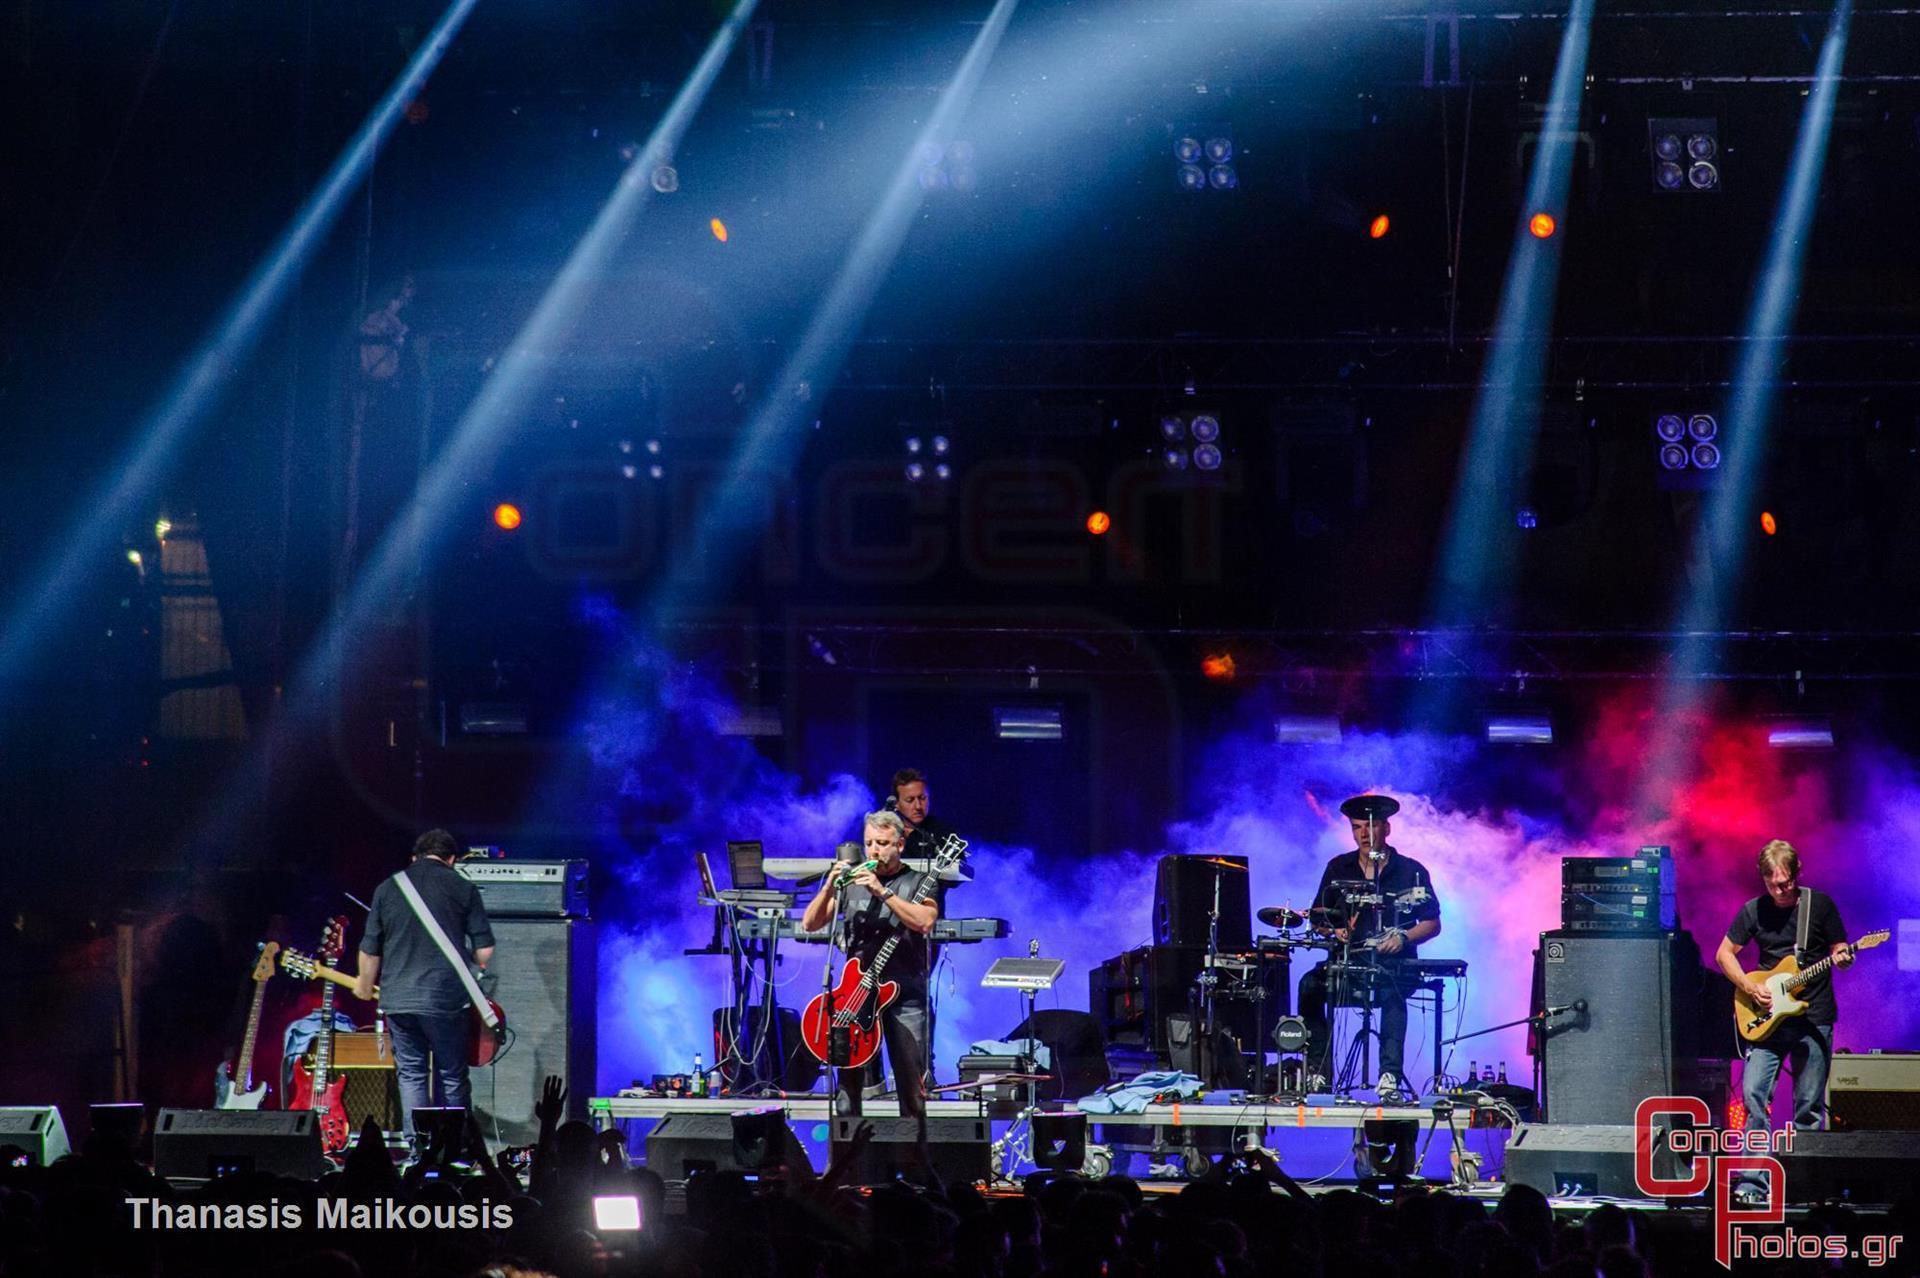 Peter Hook & The Light - photographer: Thanasis Maikousis - concertphotos_-9409